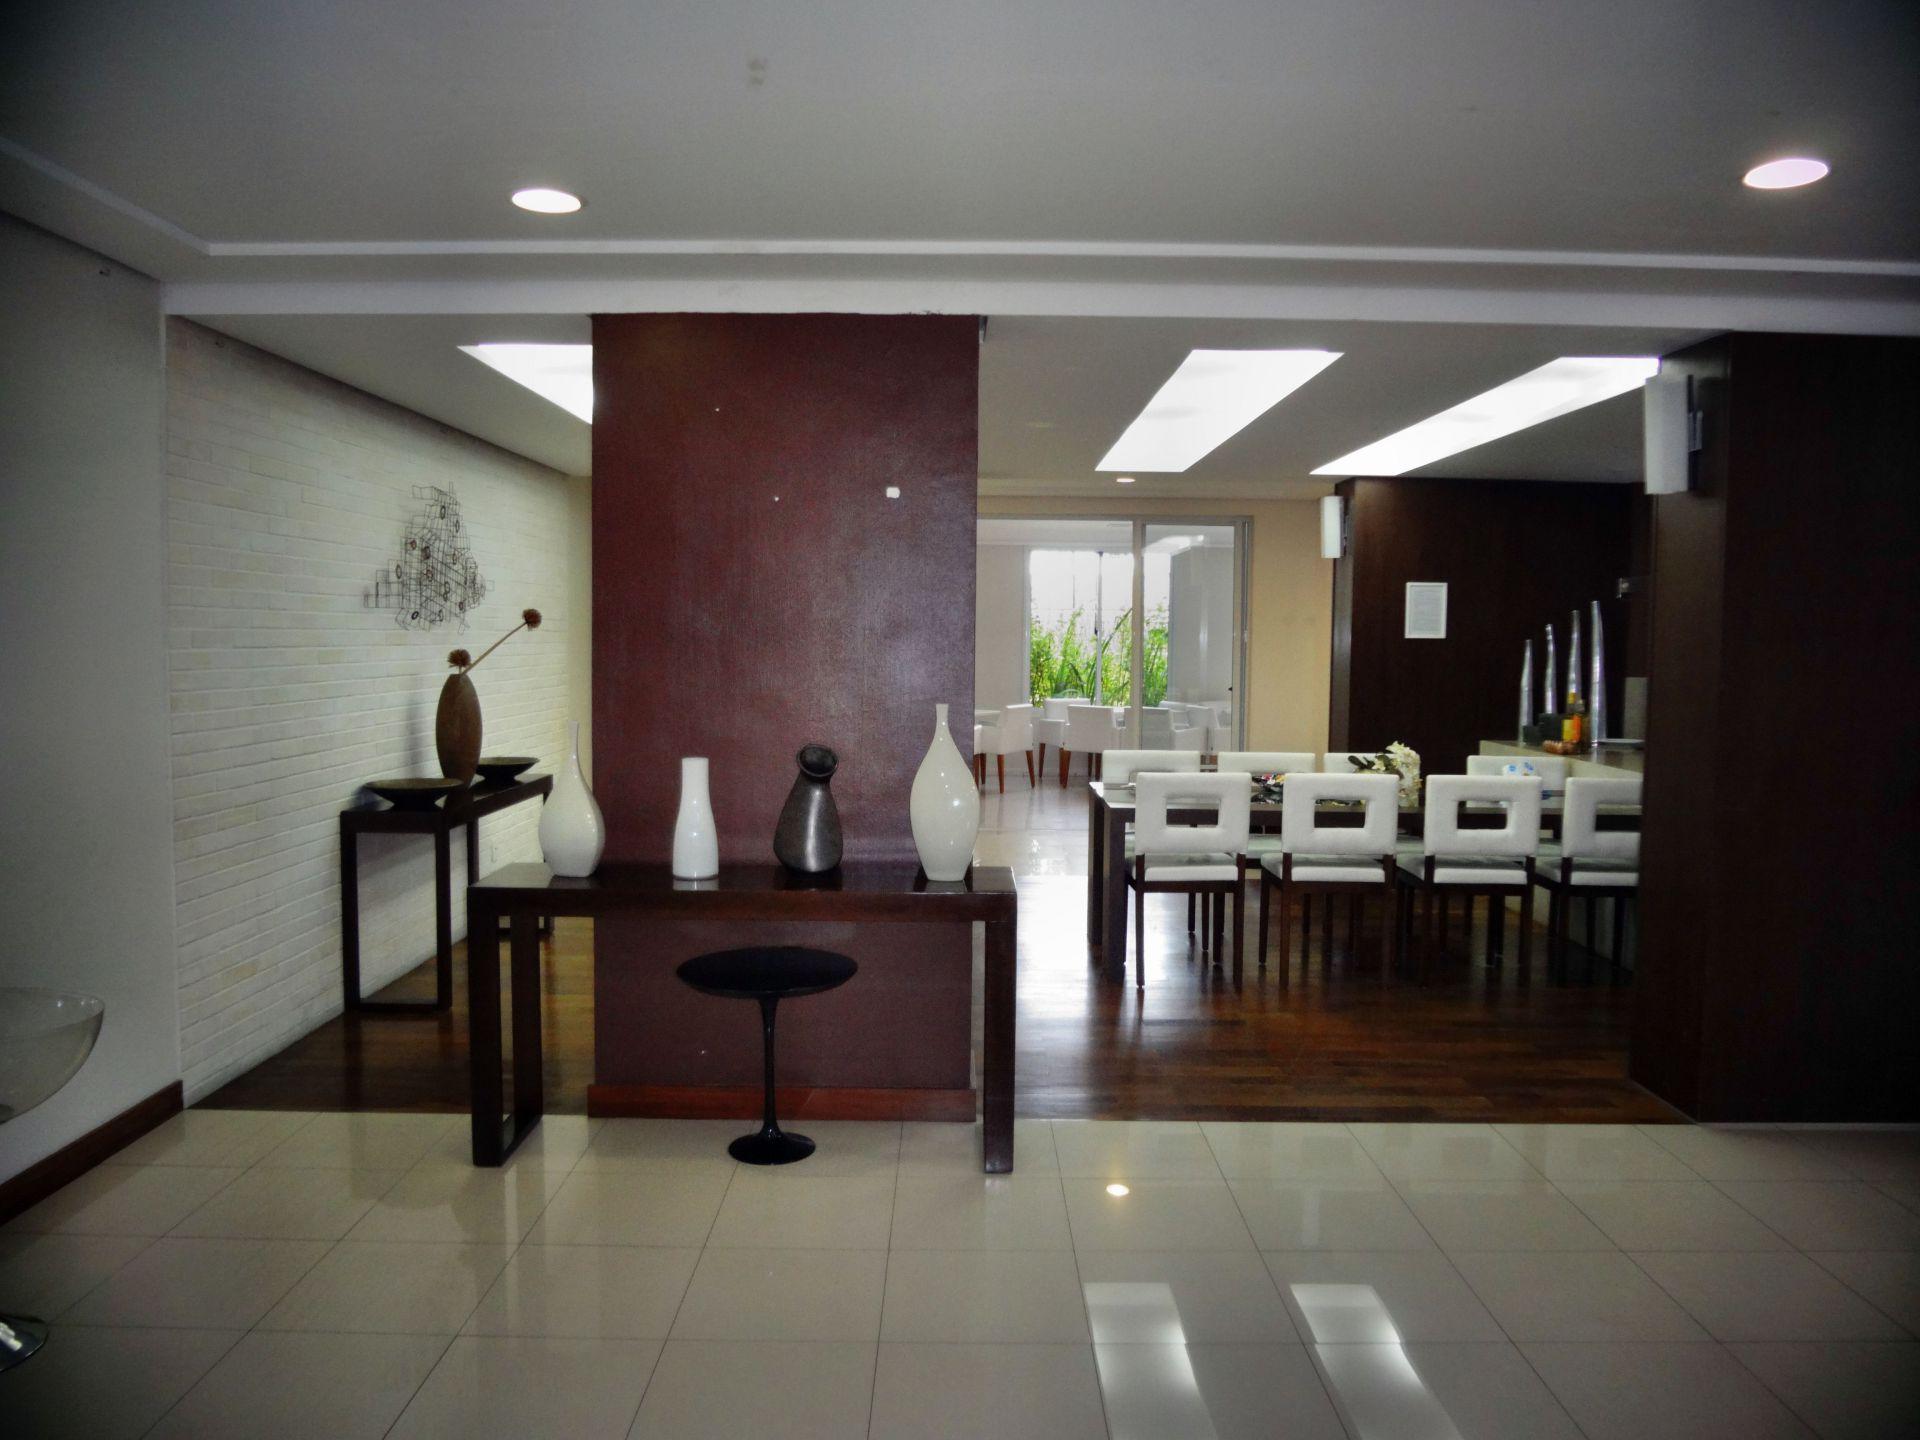 Apartamento Barra Funda,São Paulo,SP Para Alugar,2 Quartos,55m² - LOCACAO0017 - 10